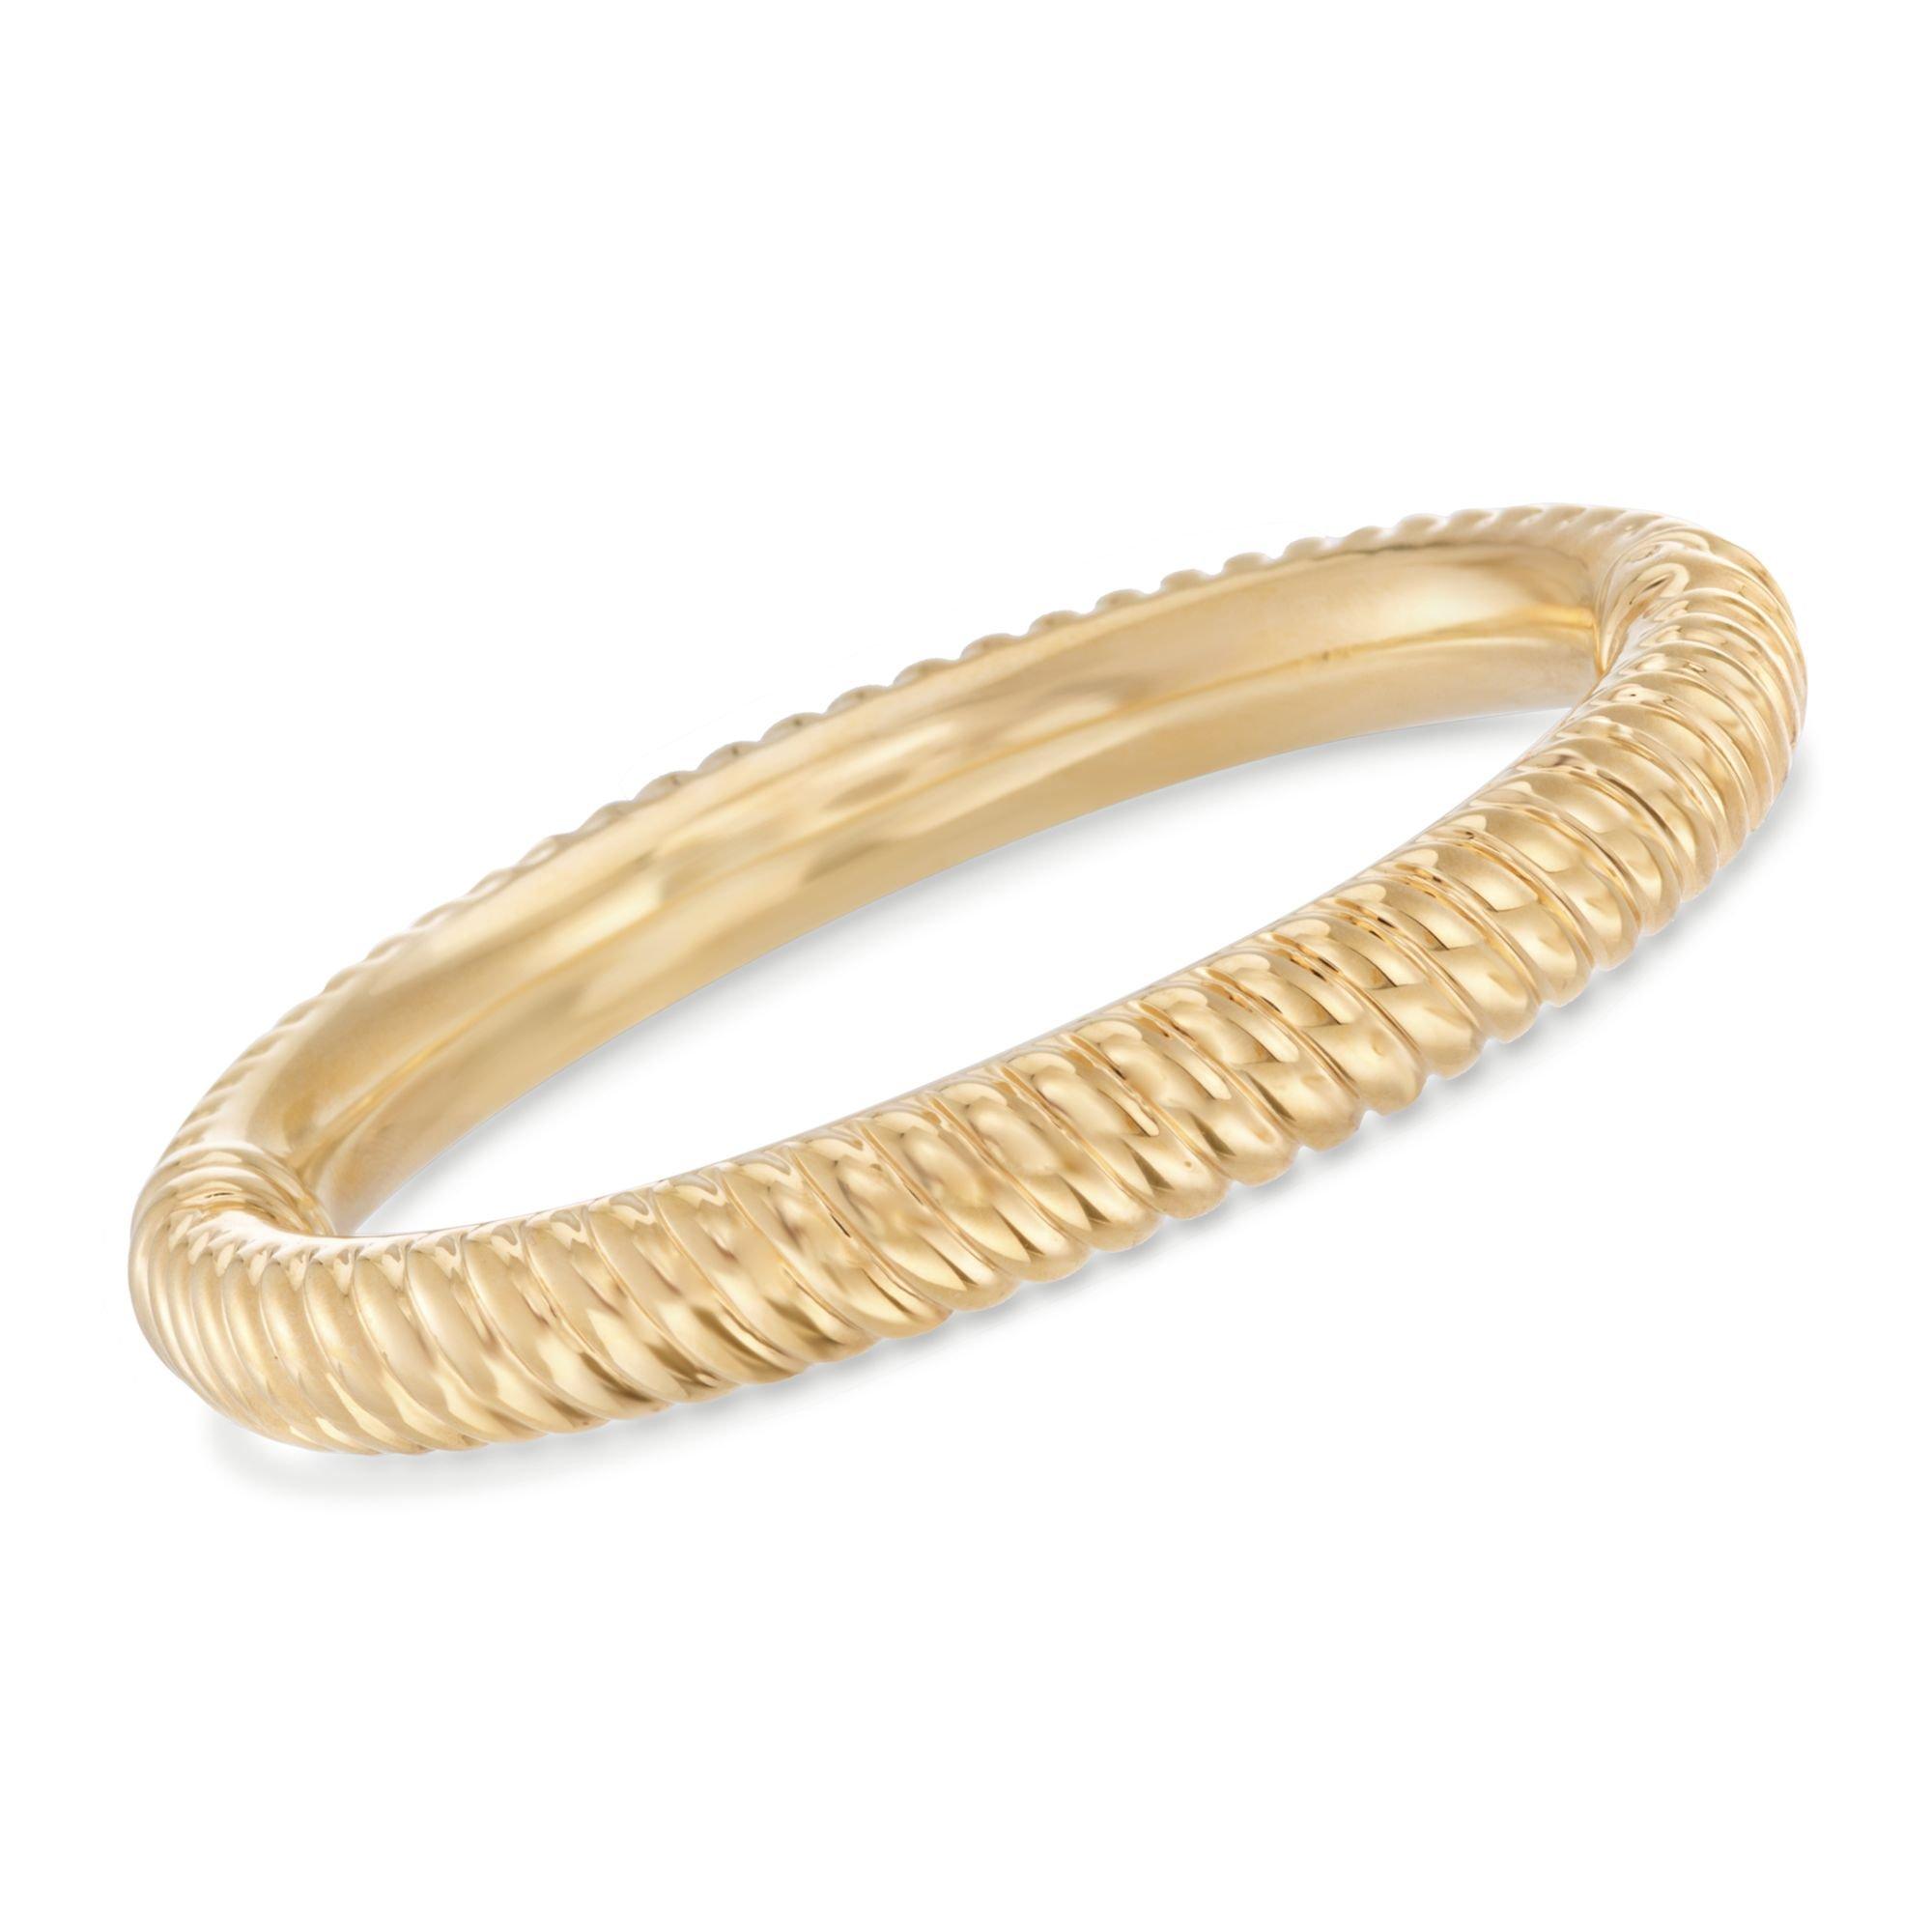 Ross-Simons Italian 14kt Yellow Gold Over Resin Ribbed Bangle Bracelet. 8''